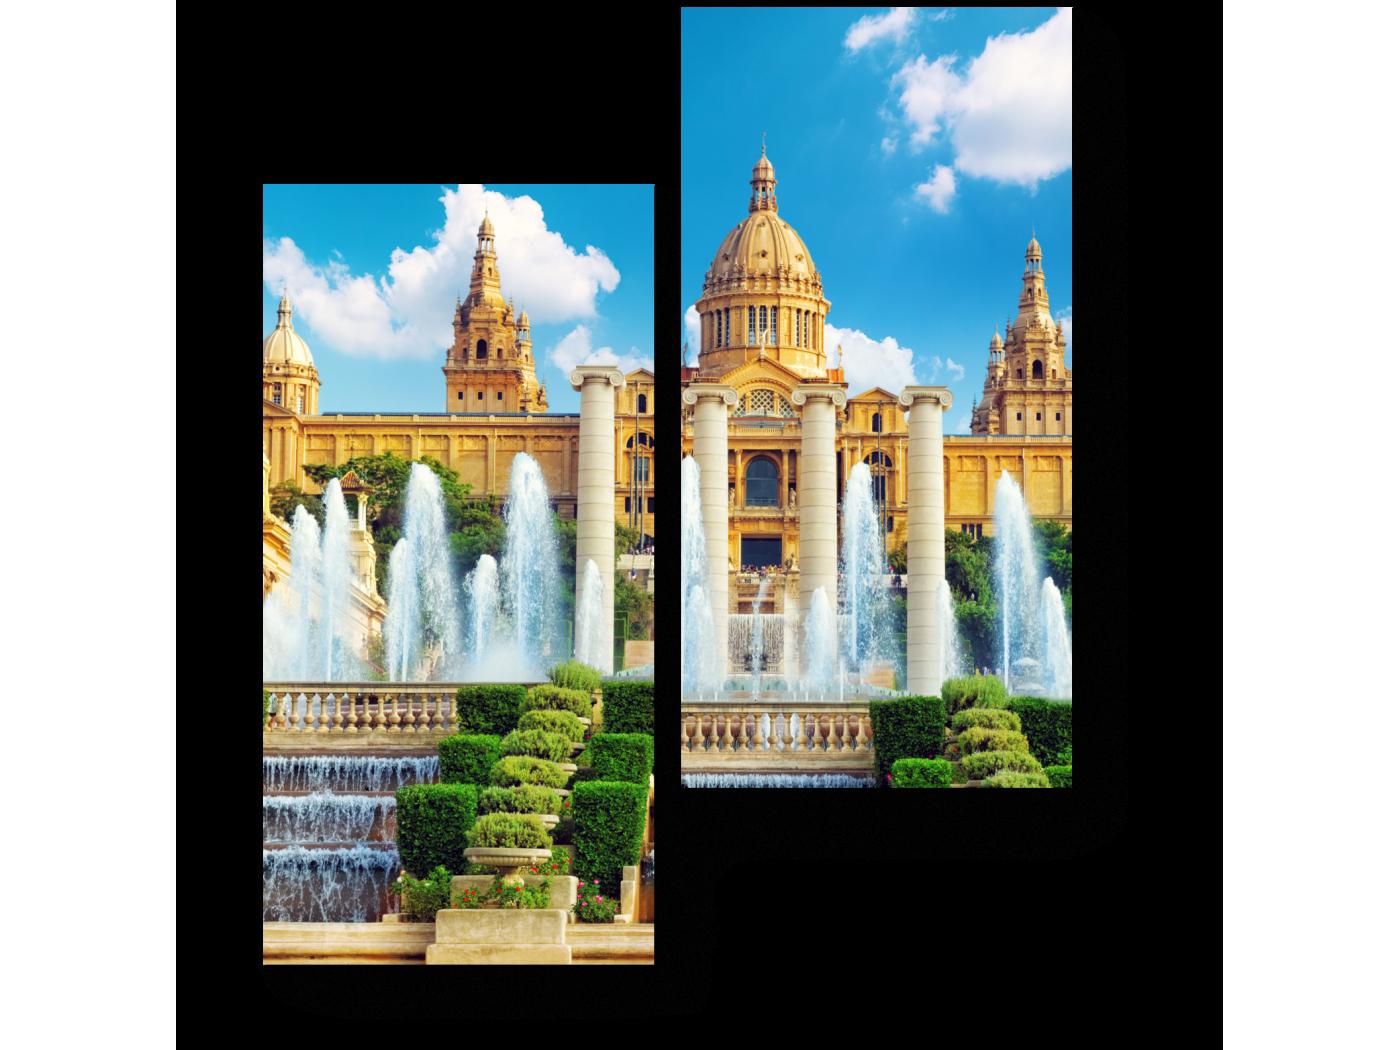 Модульная картина Национальный музей искусства Каталонии (40x50) фото